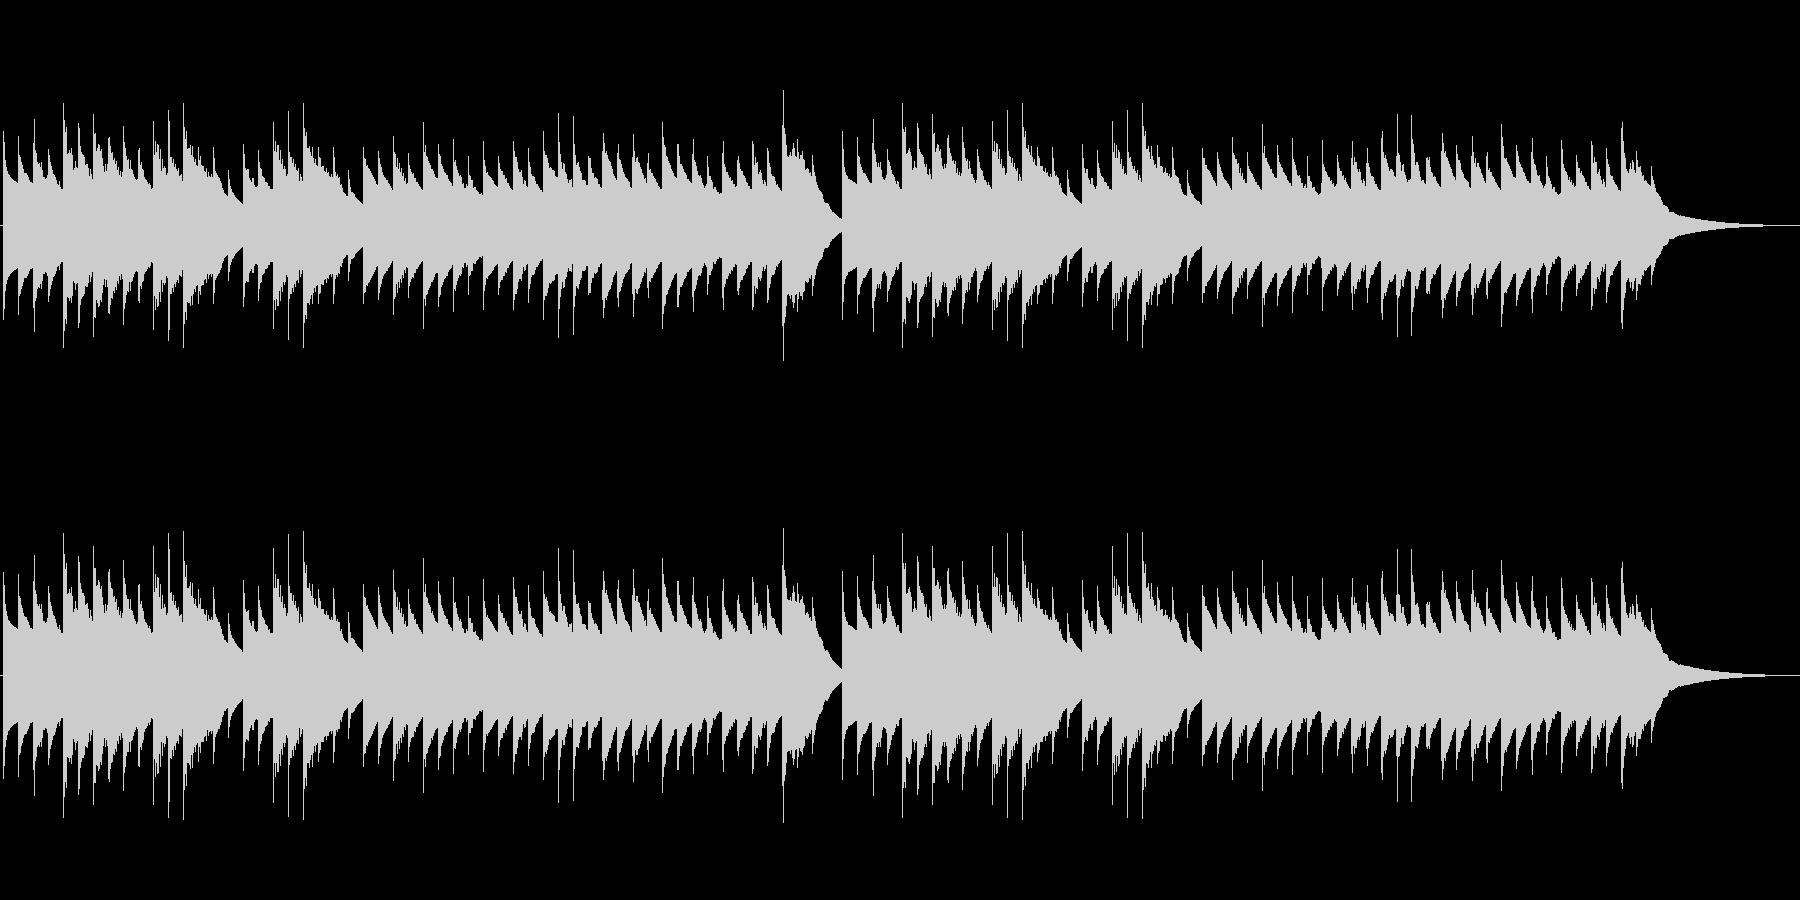 こぎつね(オルゴール)の未再生の波形